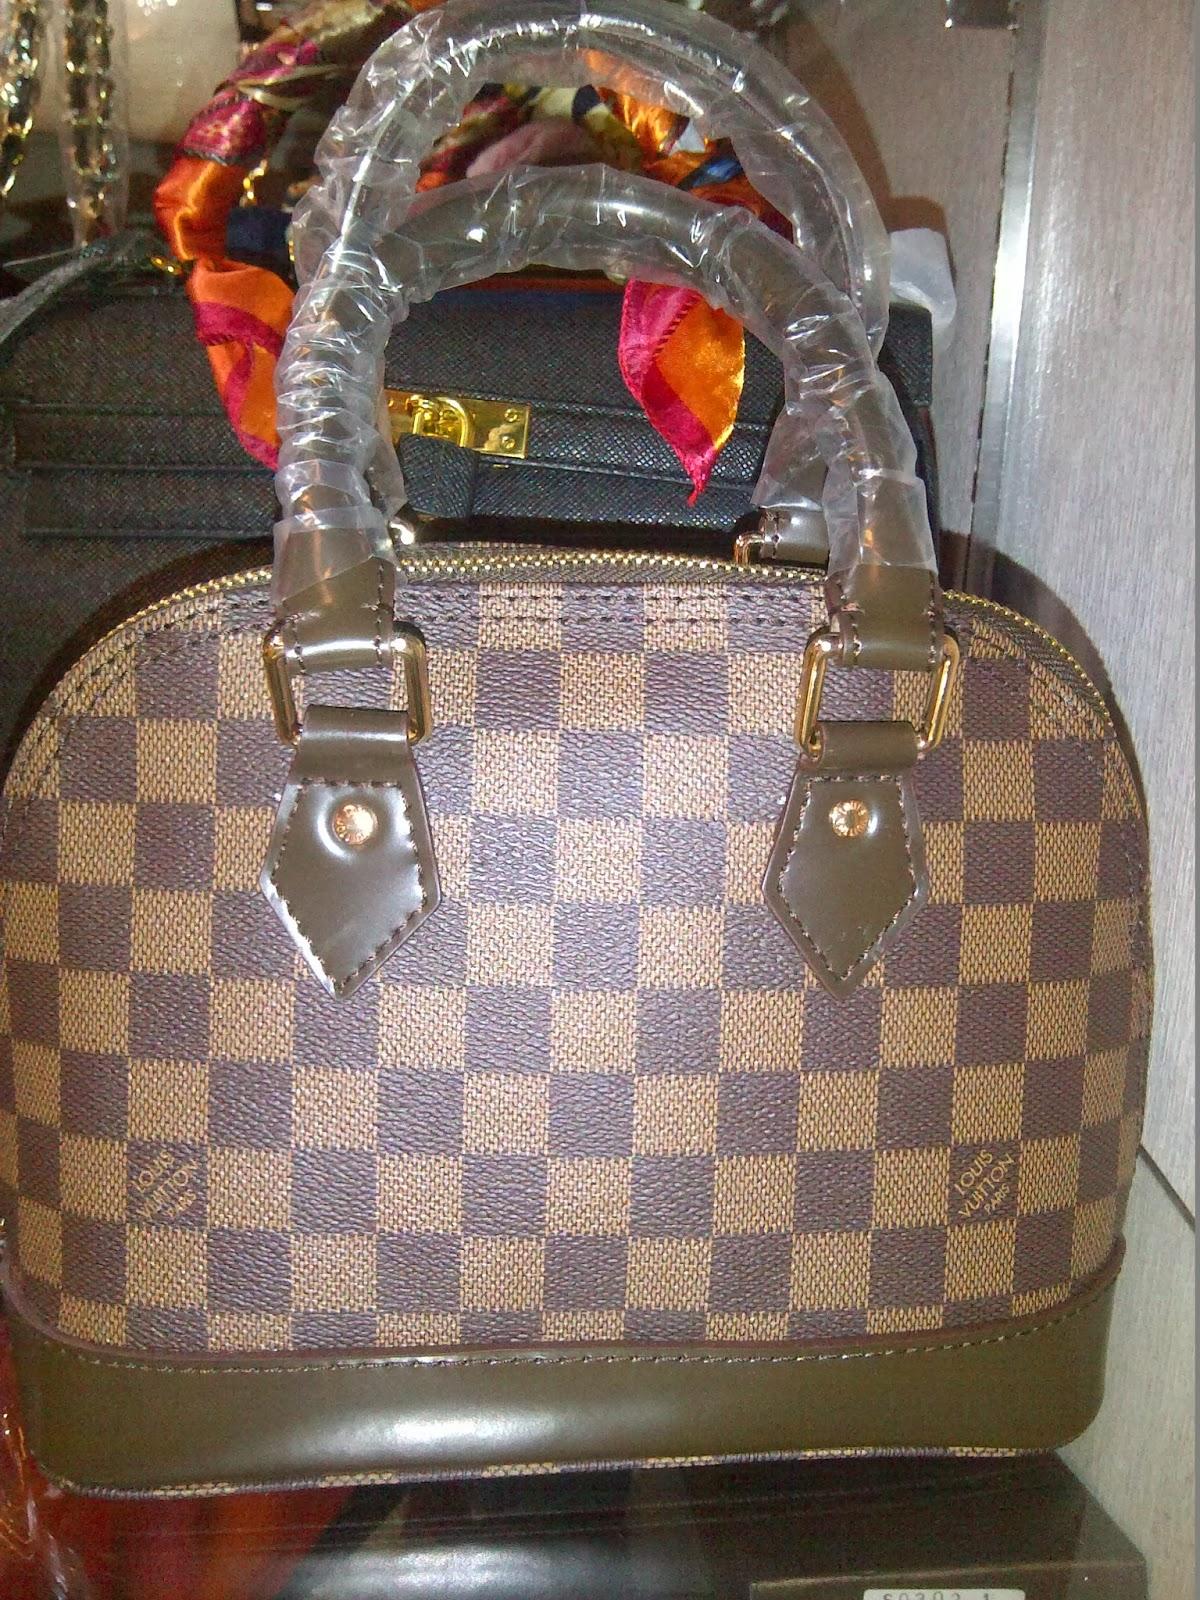 Jual Tas Cewek Branded Online Lv Alma Mini Uk 25cm Wanita Hand Bag Super Kulit Matang Mono Damier Azure Kelengkapan Sertidustbagkuncigembok